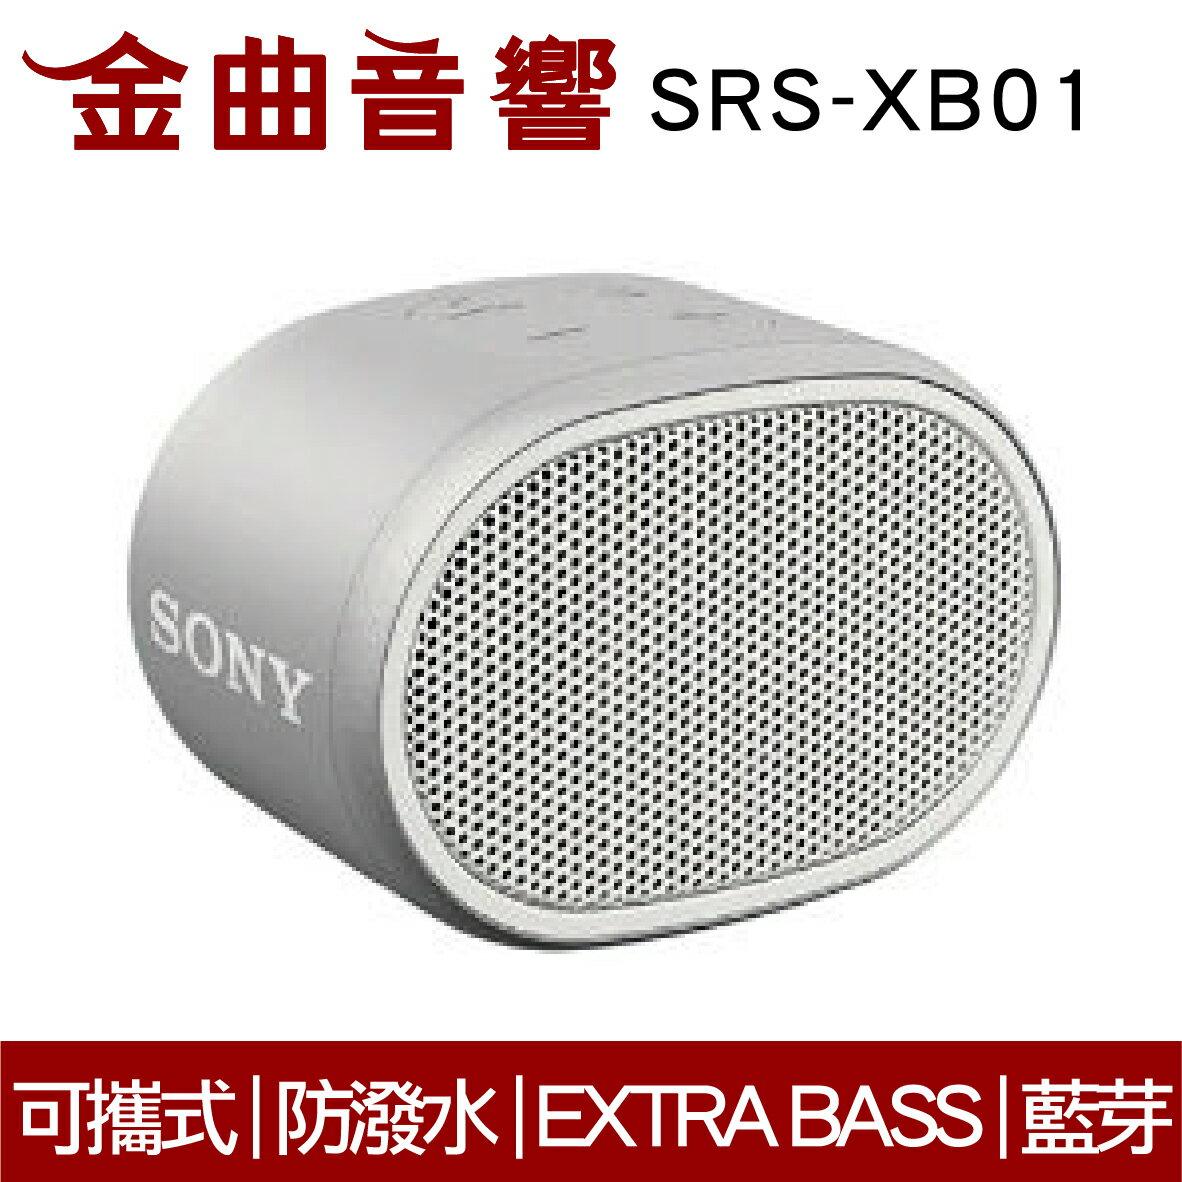 SONY 索尼 SRS-XB01 可攜式 防潑水 重低音 EXTRA BASS 藍芽 喇叭 | 金曲音響